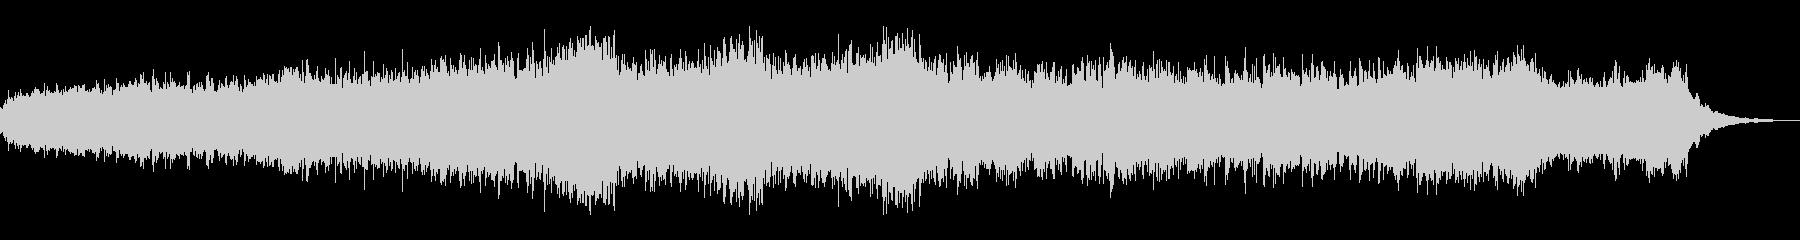 キラキラ神秘的なアンビエントミュージックの未再生の波形